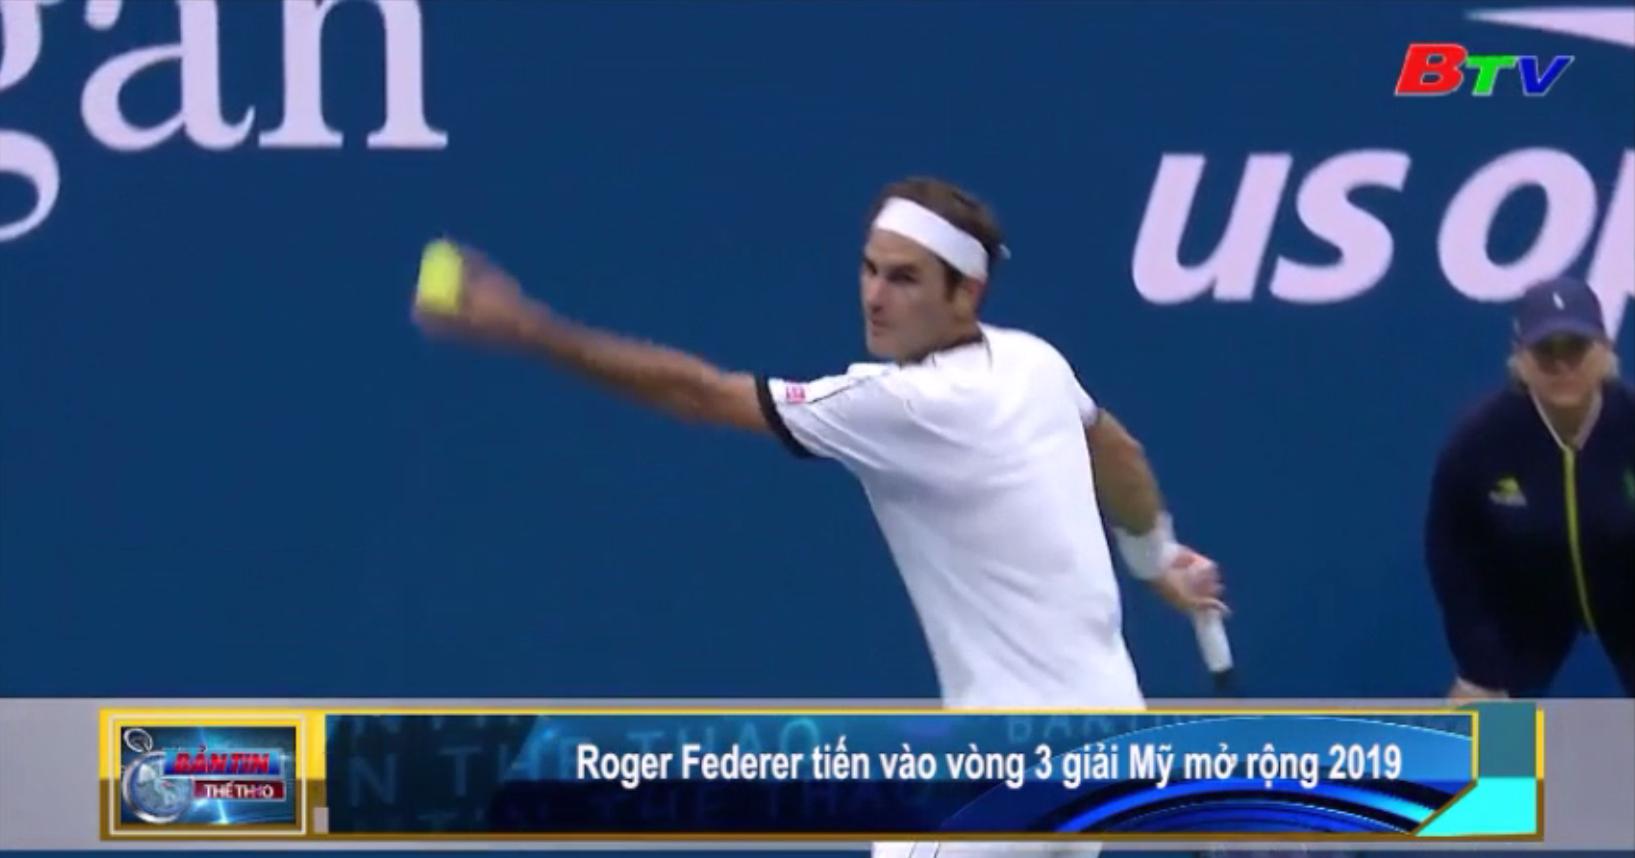 Roger Federer tiến vào vòng 3 giải Mỹ mở rộng 2019